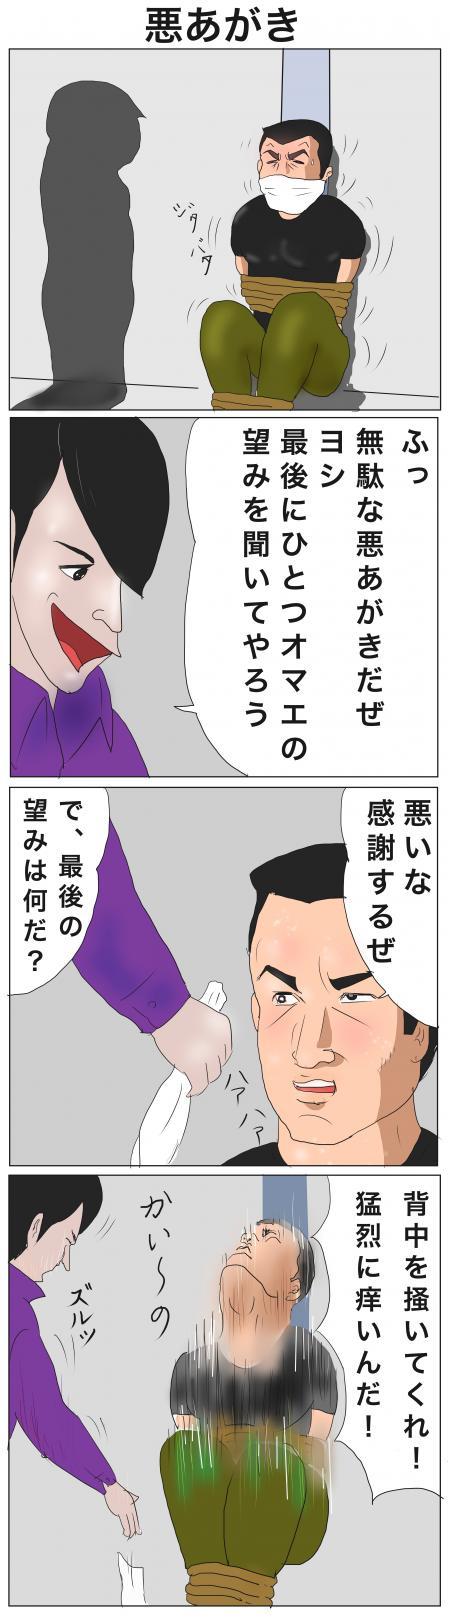 悪あがき+のコピー_convert_20141116115219